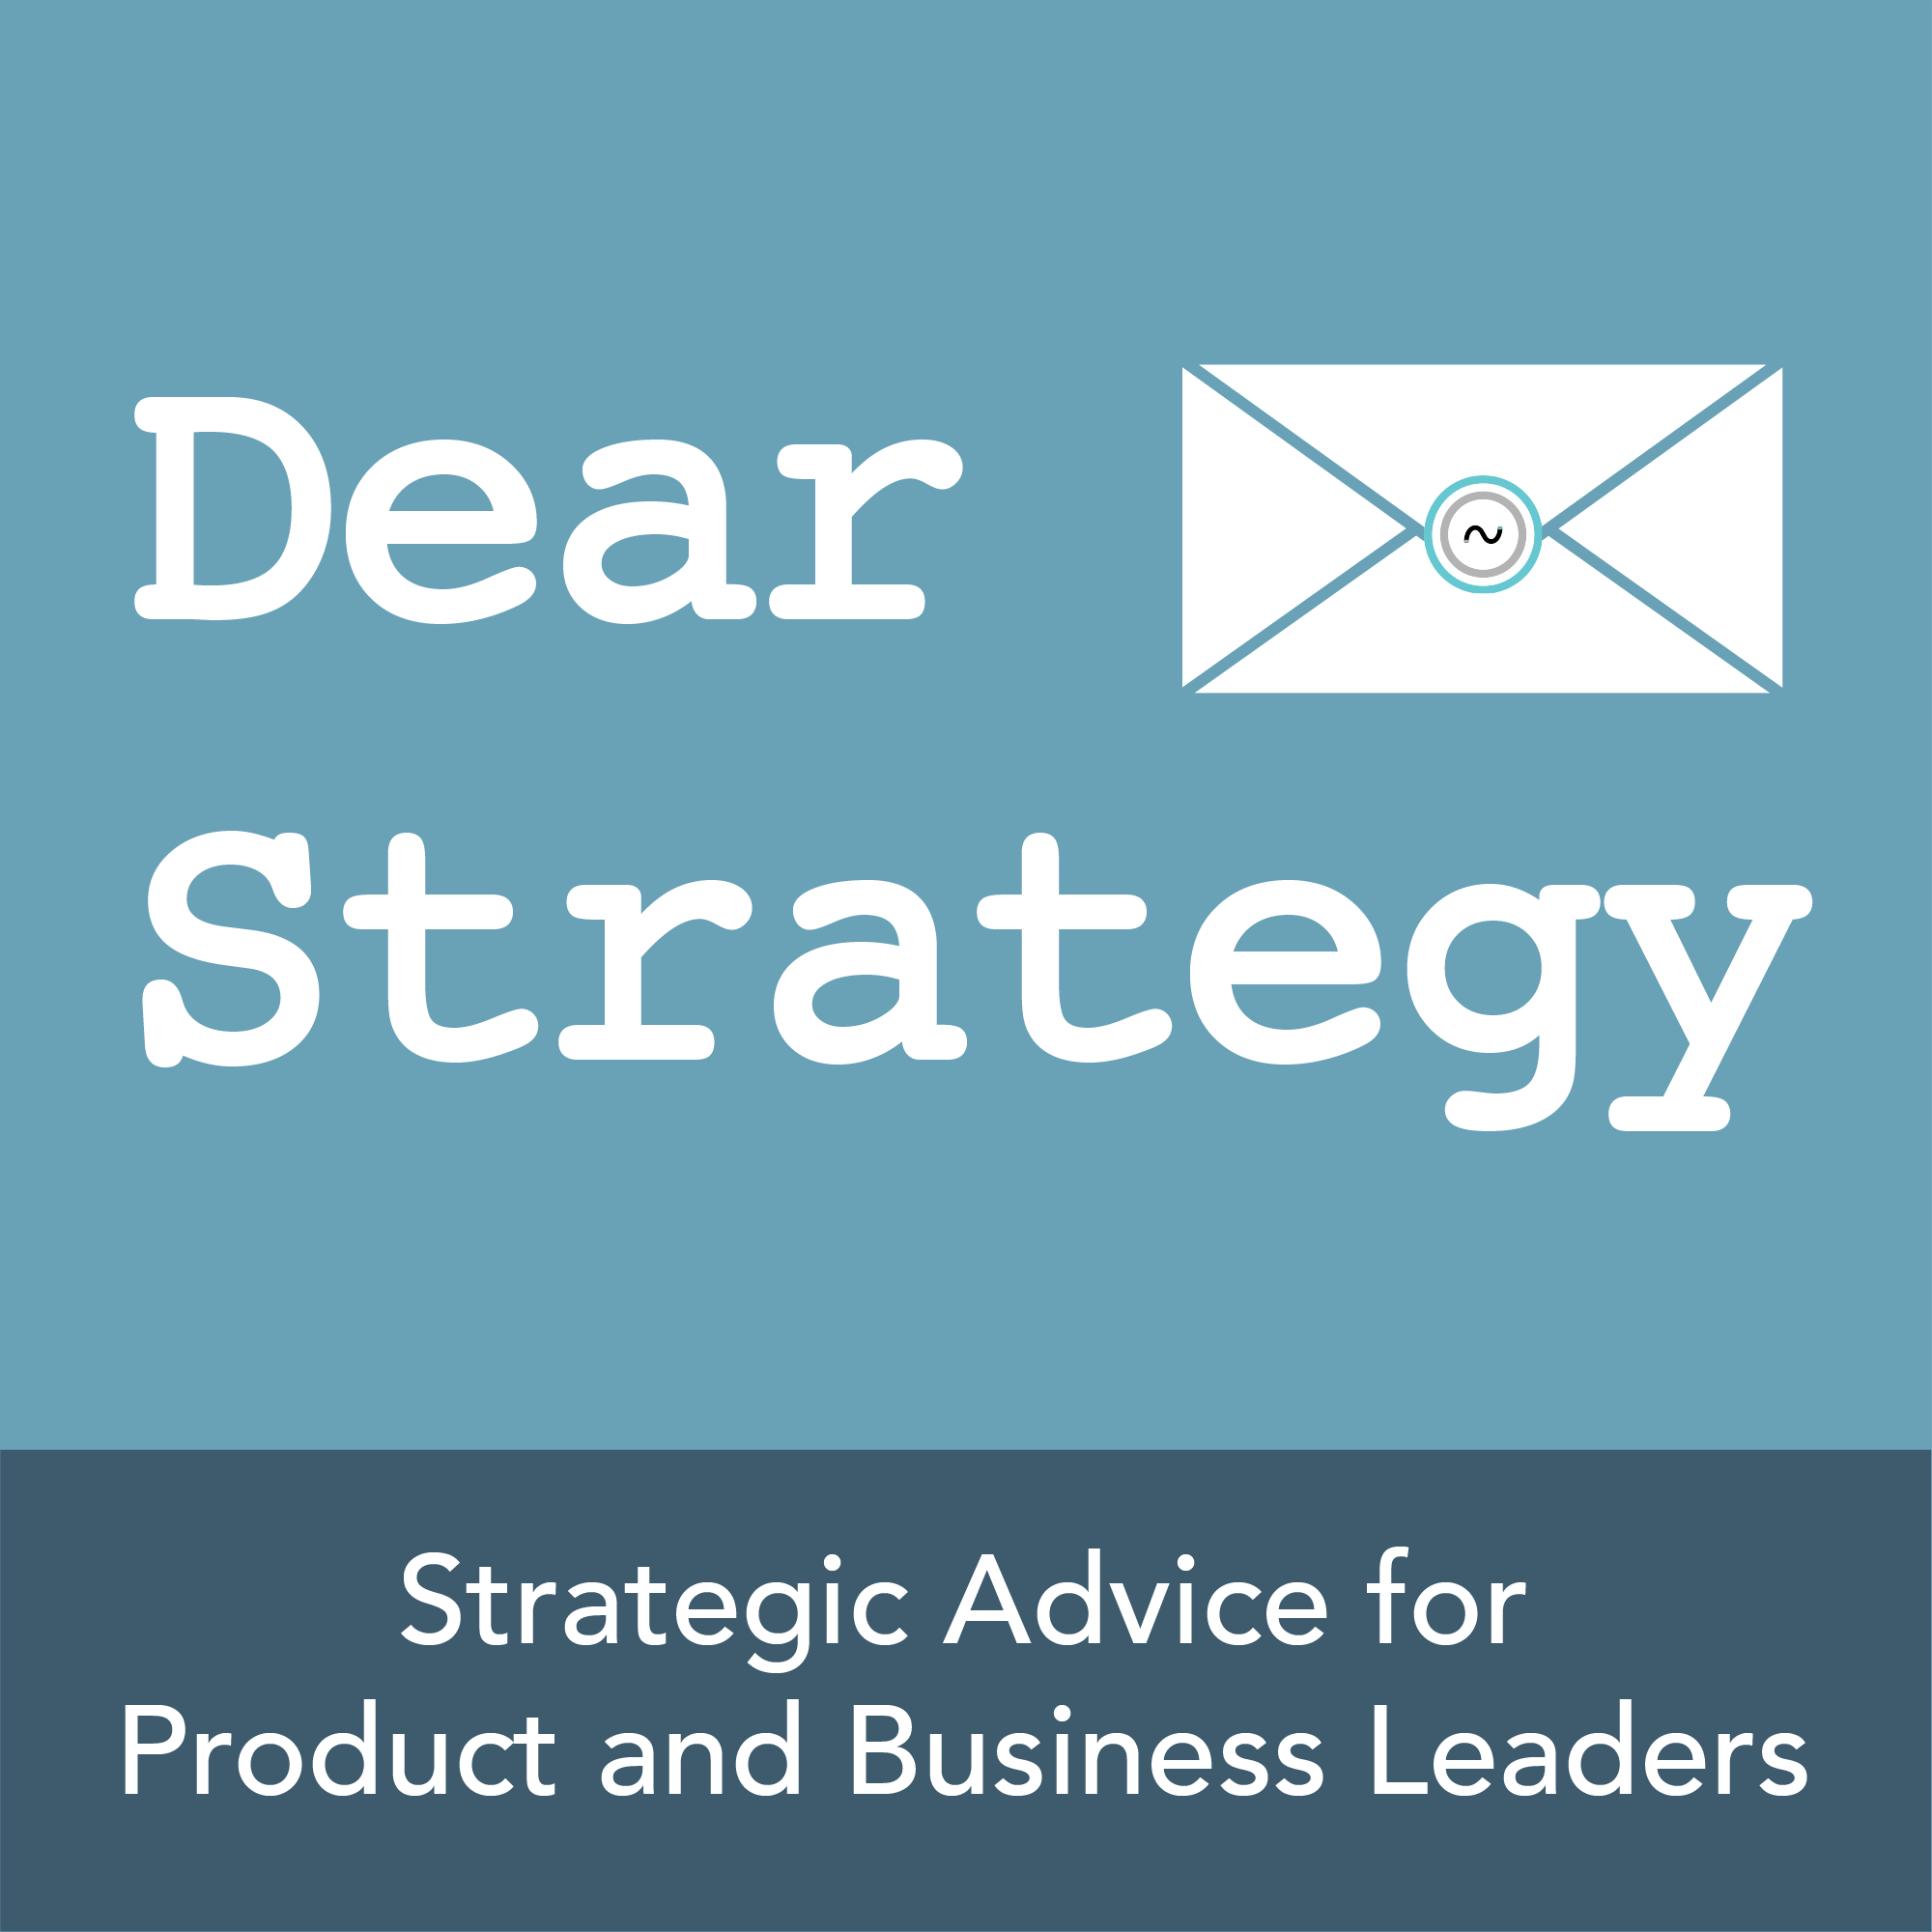 Dear Strategy